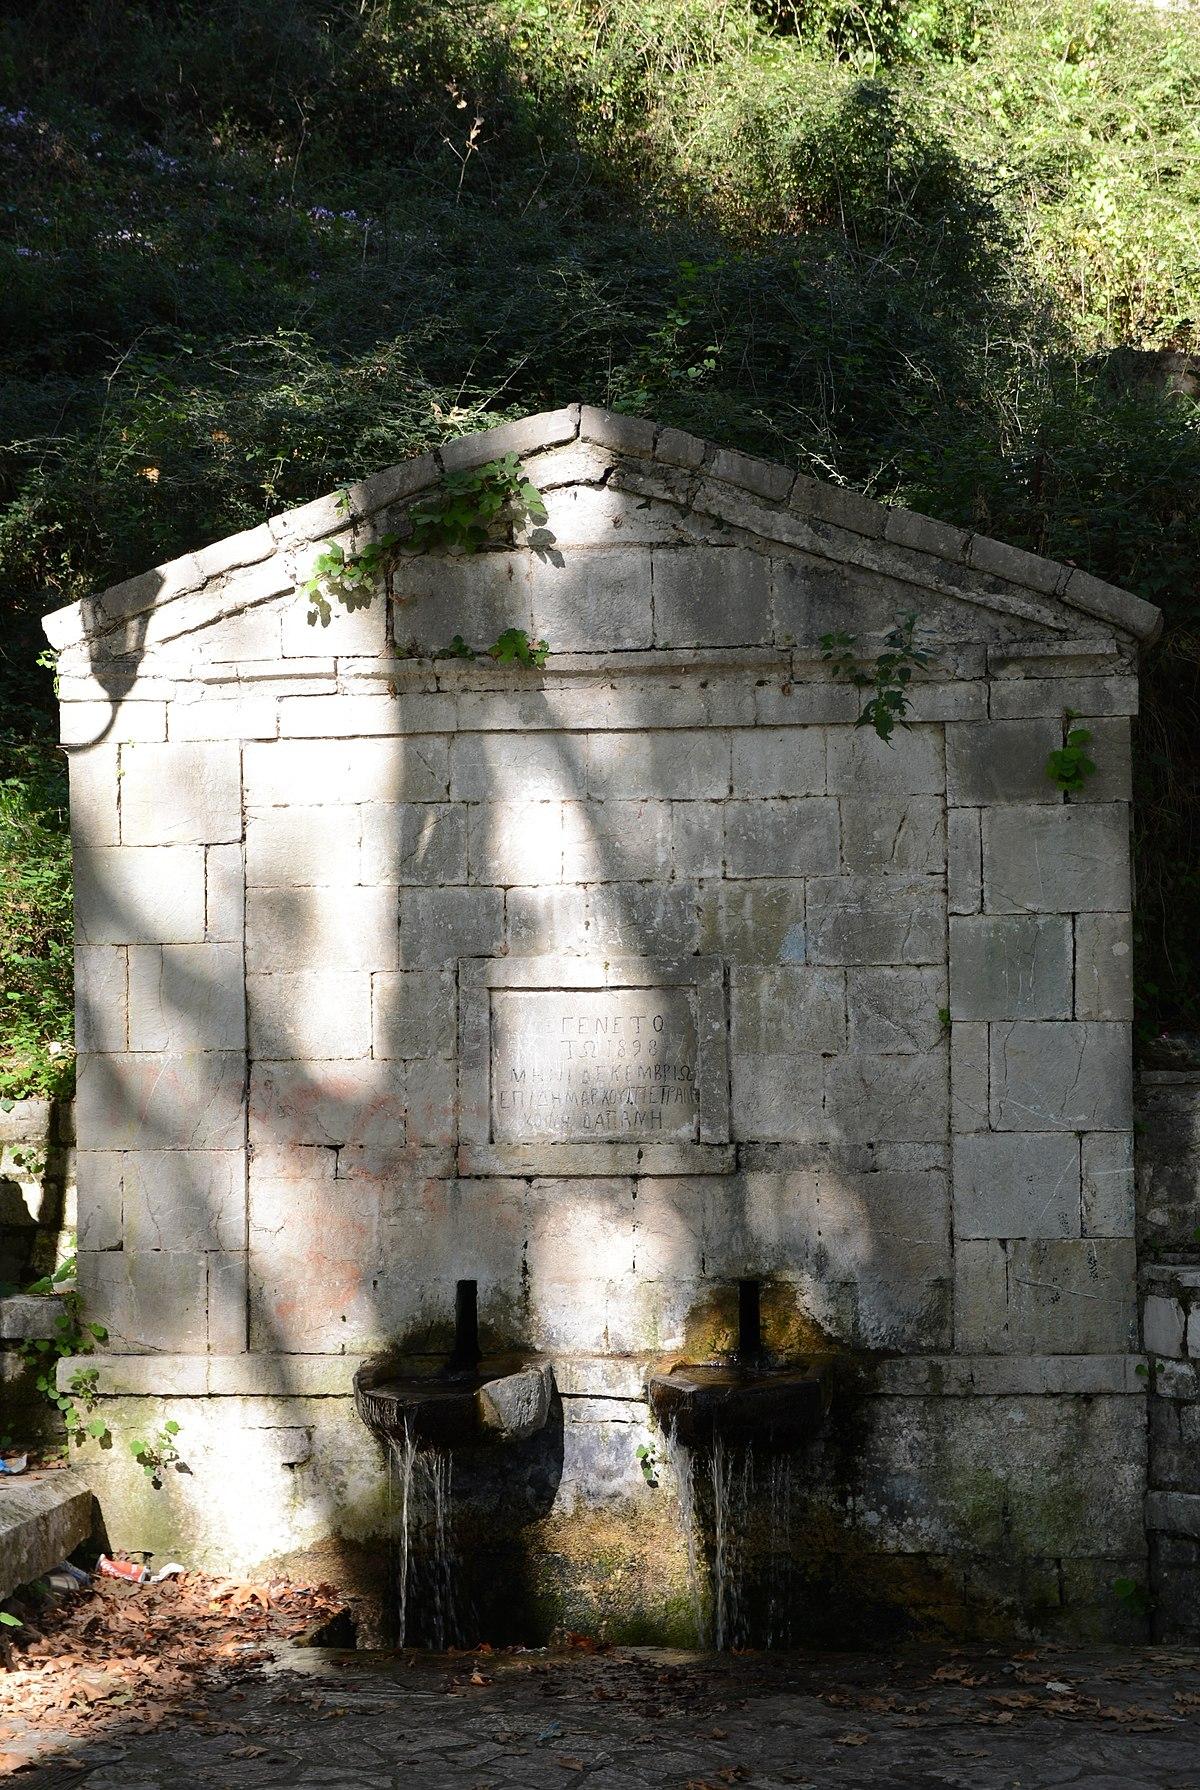 File:Morios fountain, Divri, Ileia.jpg - Wikimedia Commons